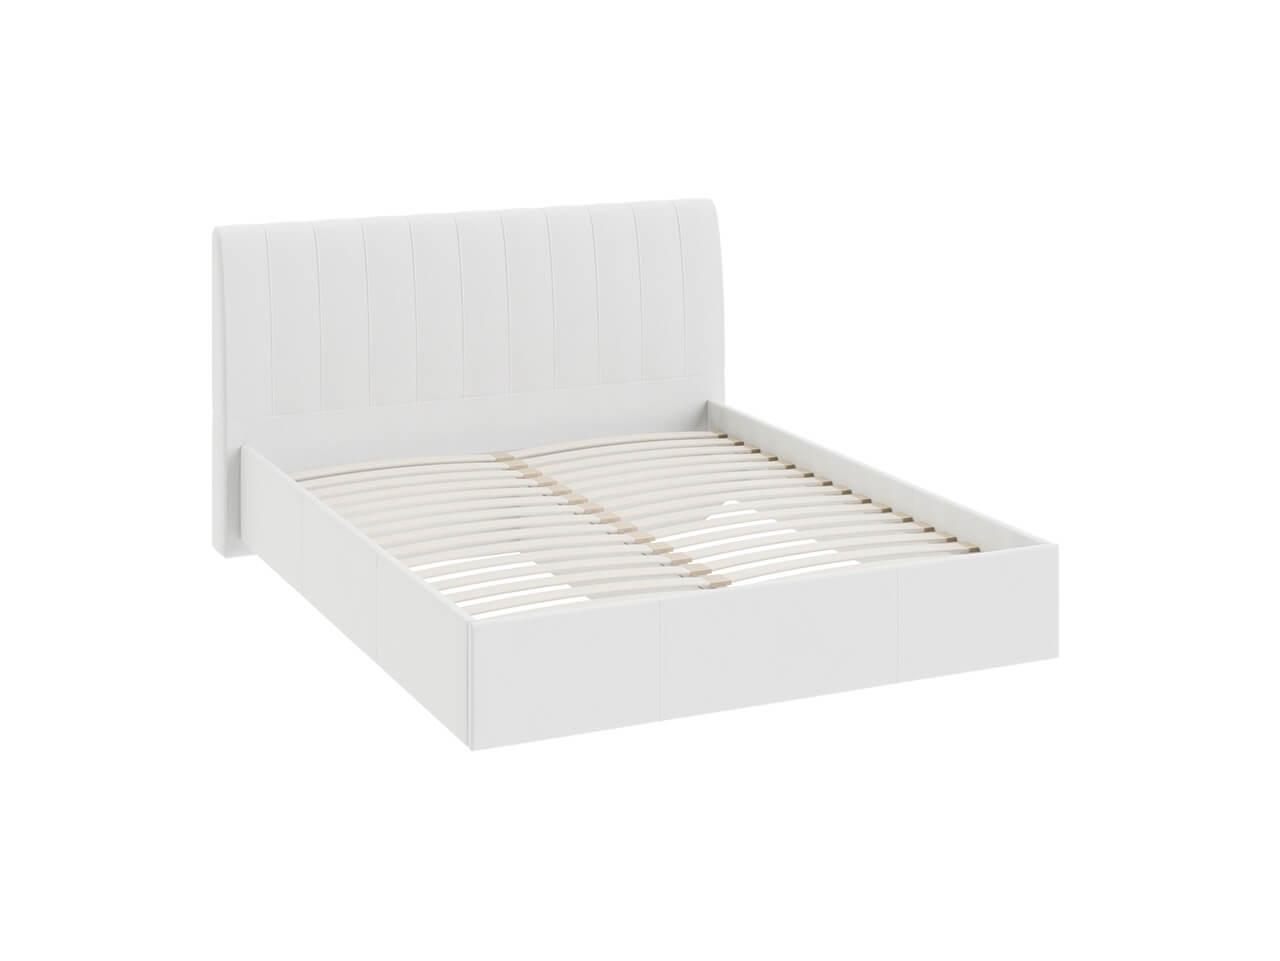 Двуспальная кровать с мягкой спинкой Ривьера-Адель СМ-300-01-13_1 1760х2190х1020